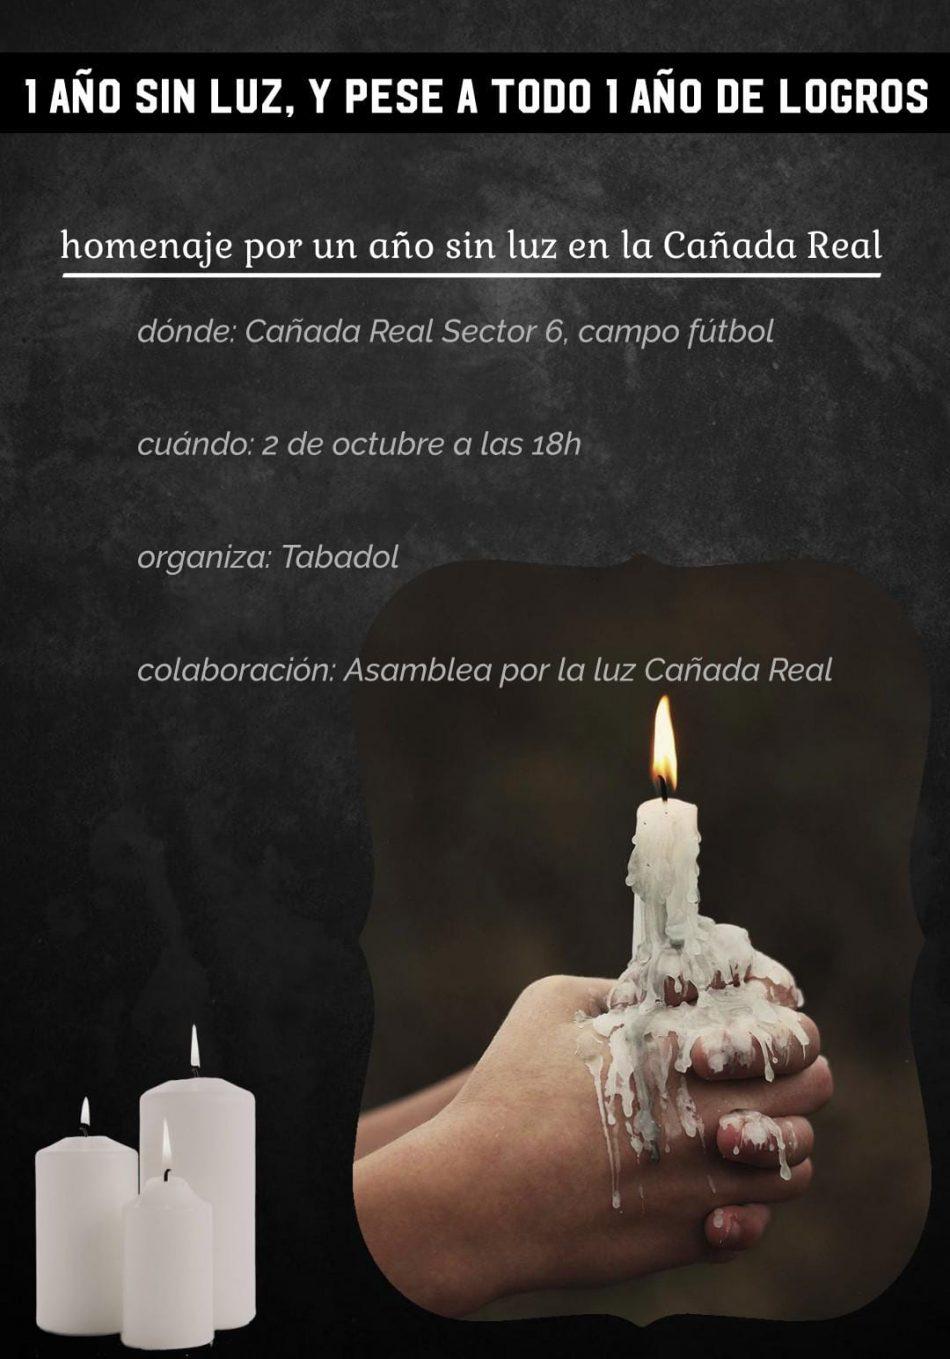 Los vecinos y vecinas de la Cañada Real realizan un acto reivindicación ante un año sin suministro de luz eléctrica